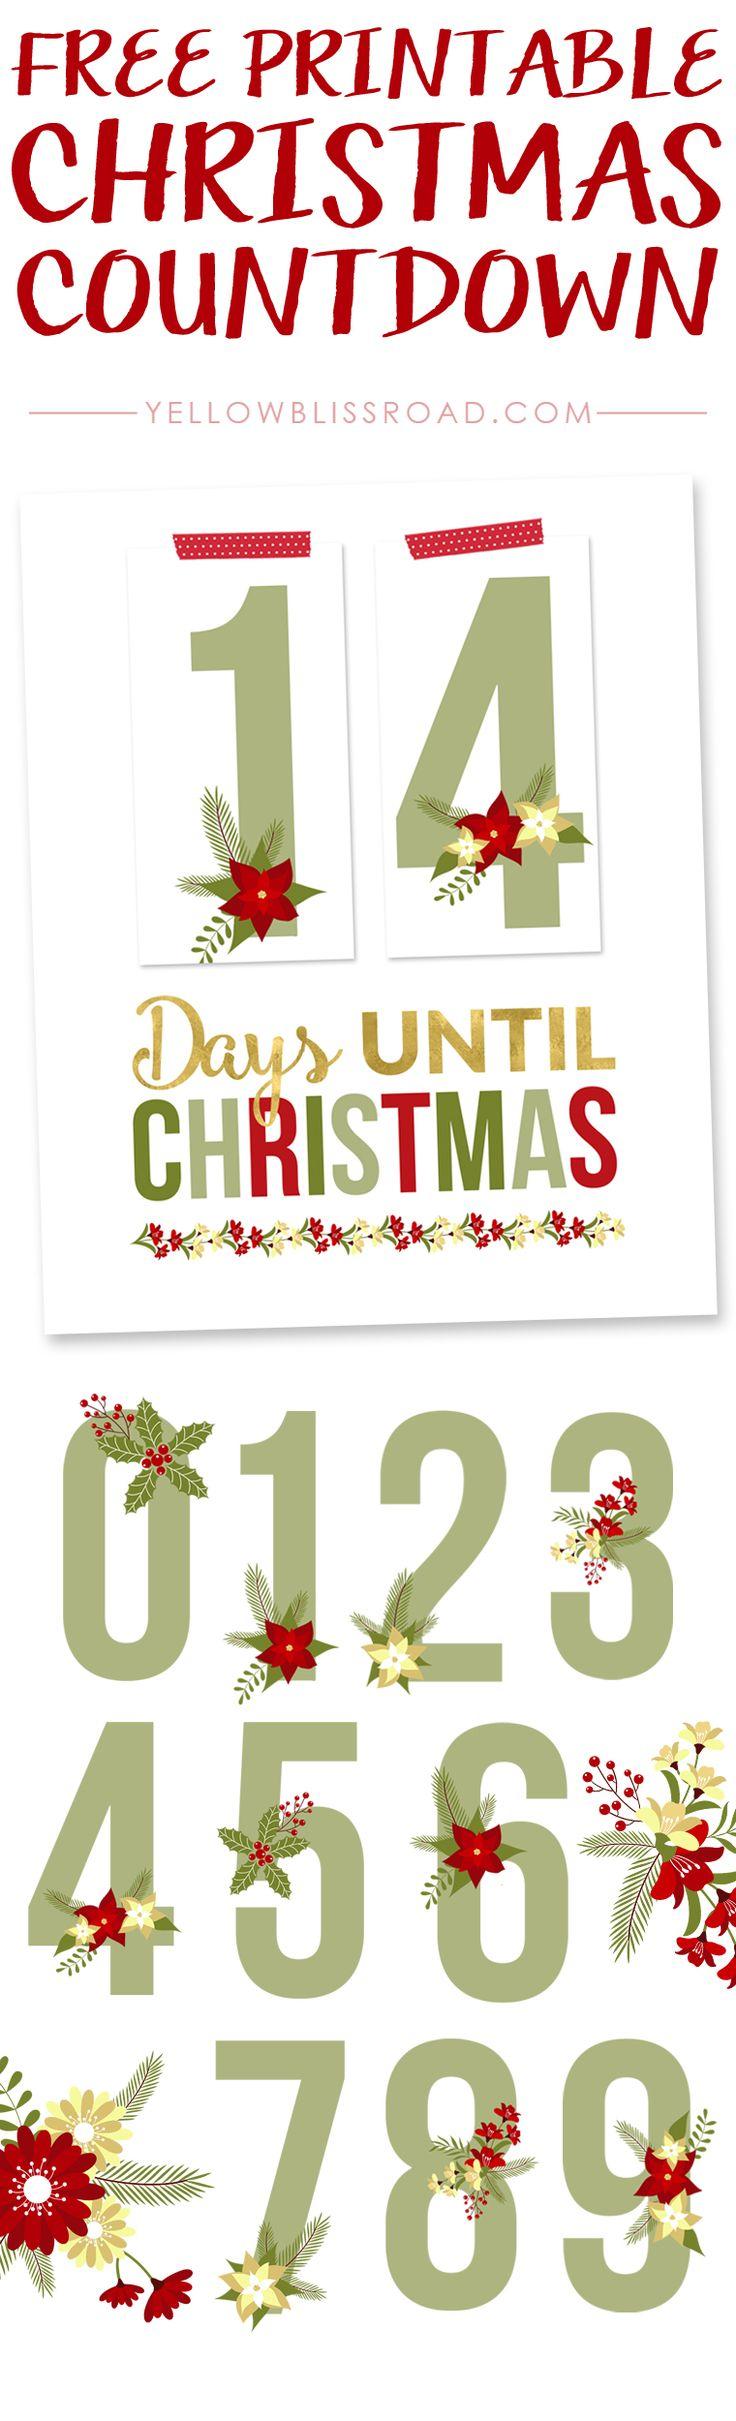 Free Printable Christmas Countdown   Bake Craft Sew Decorate - Free Printable Christmas Photo Collage